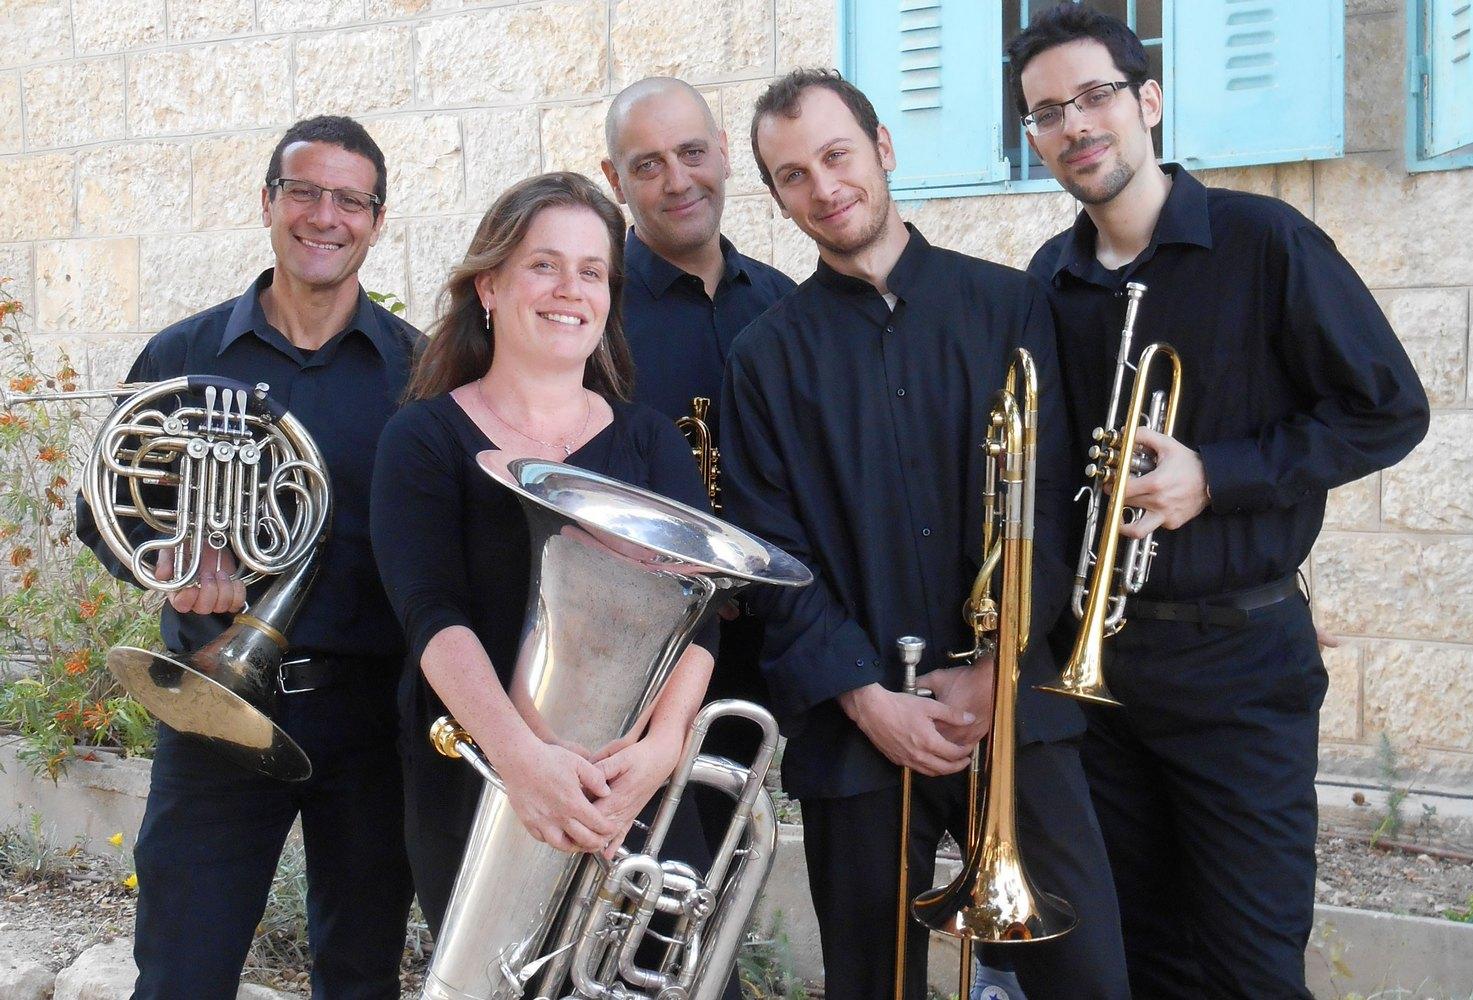 IBQ Israel Brass Quintet